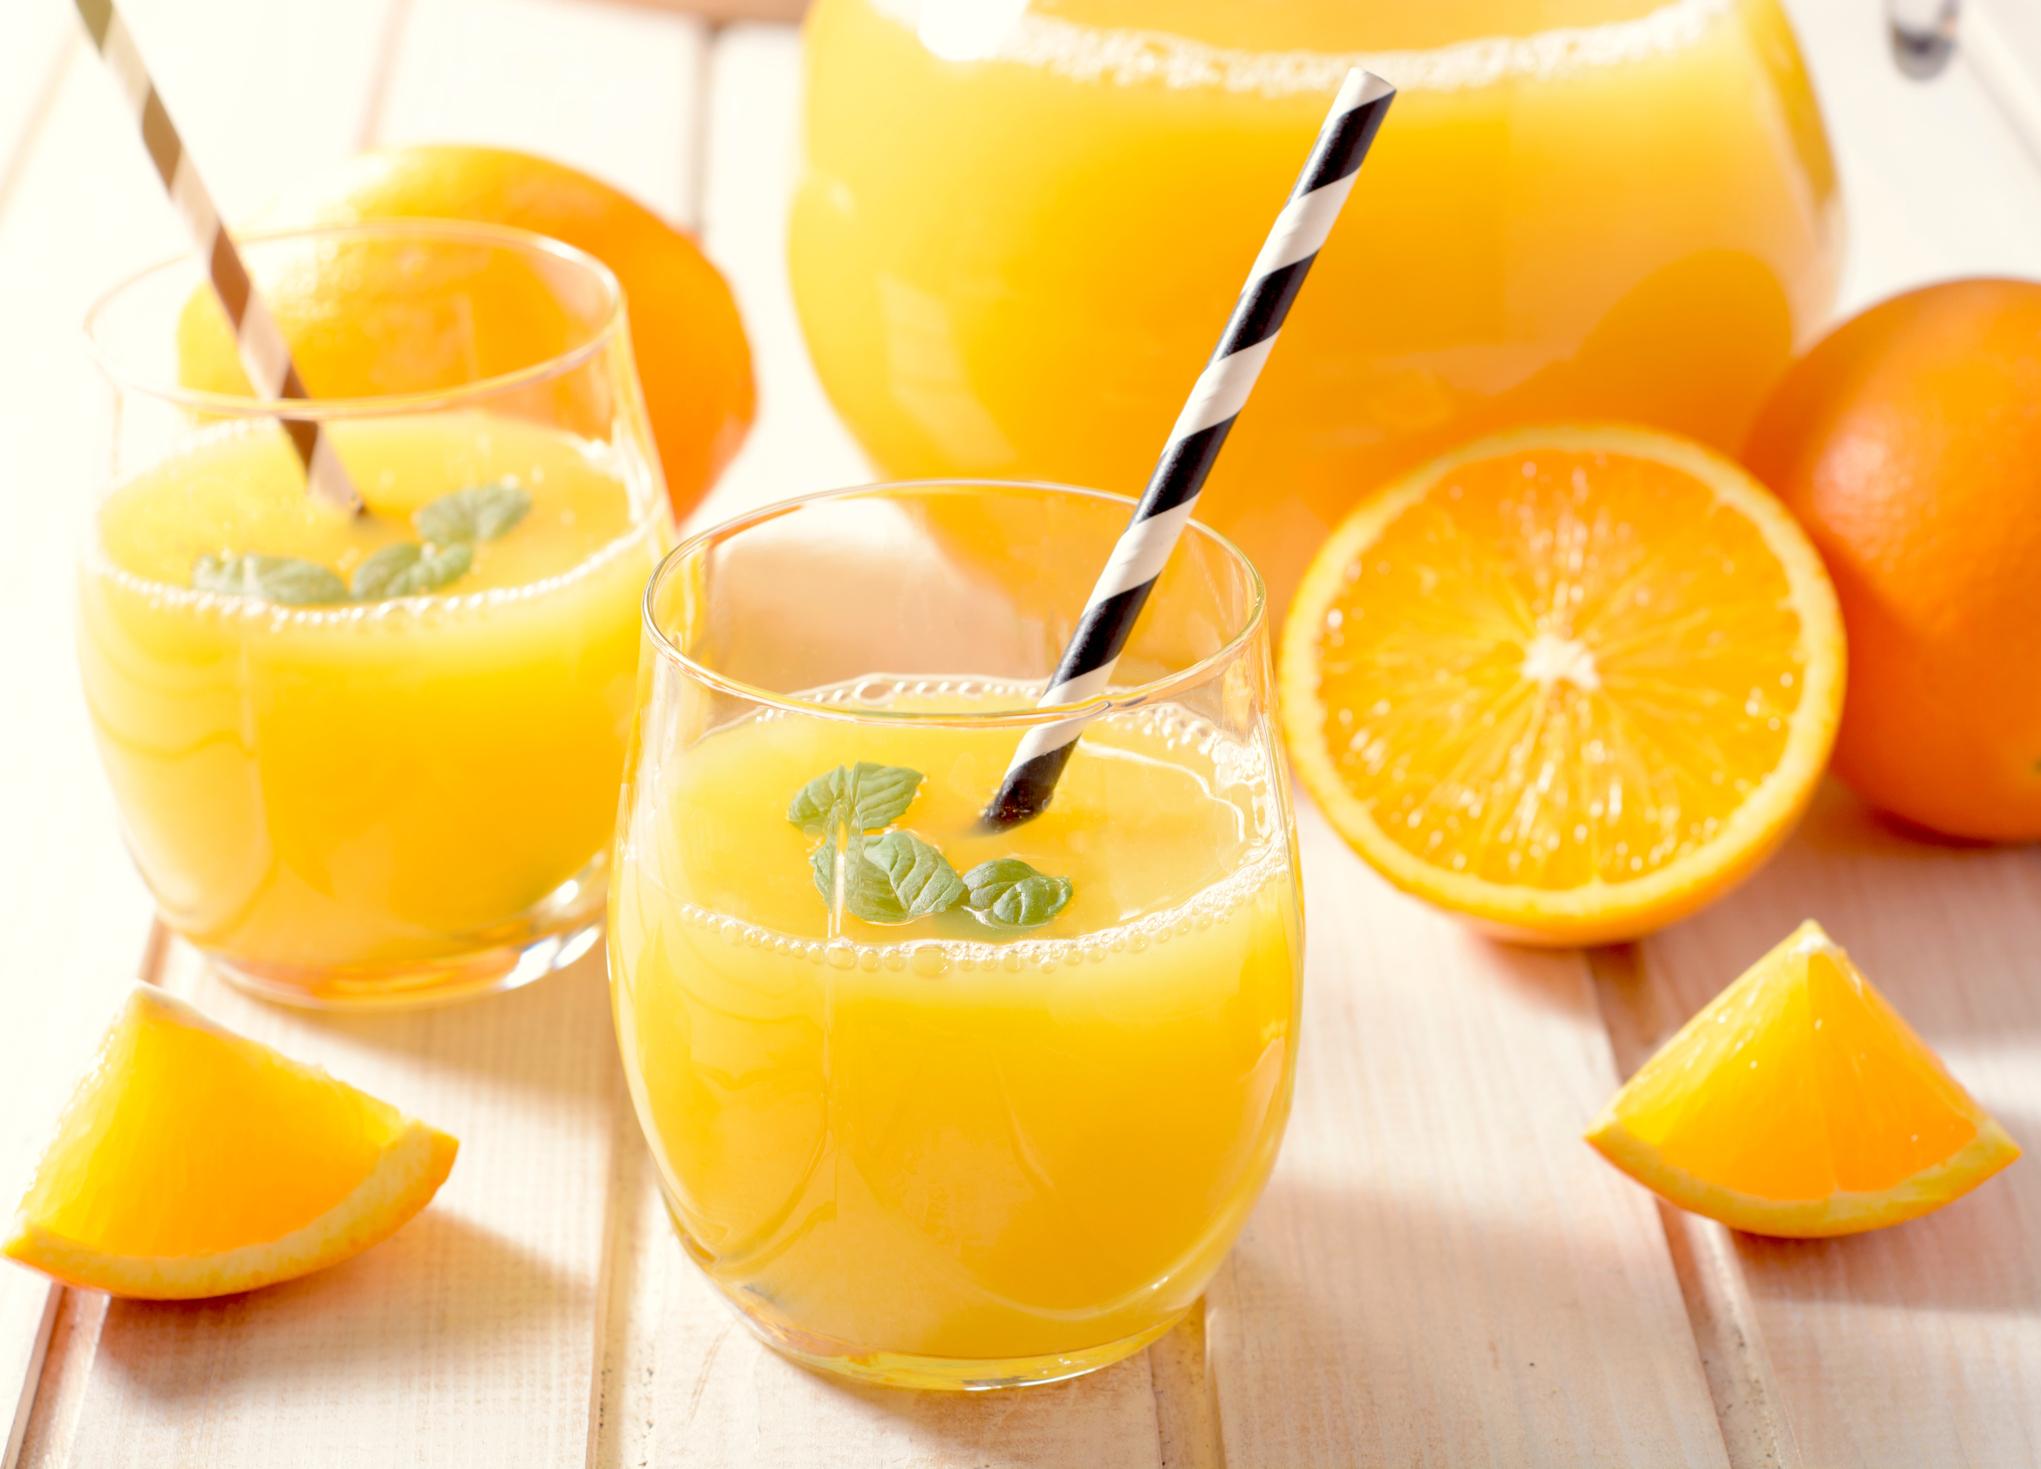 Jarra de suco de laranja com várias frutas cortadas e dois copos com canudo